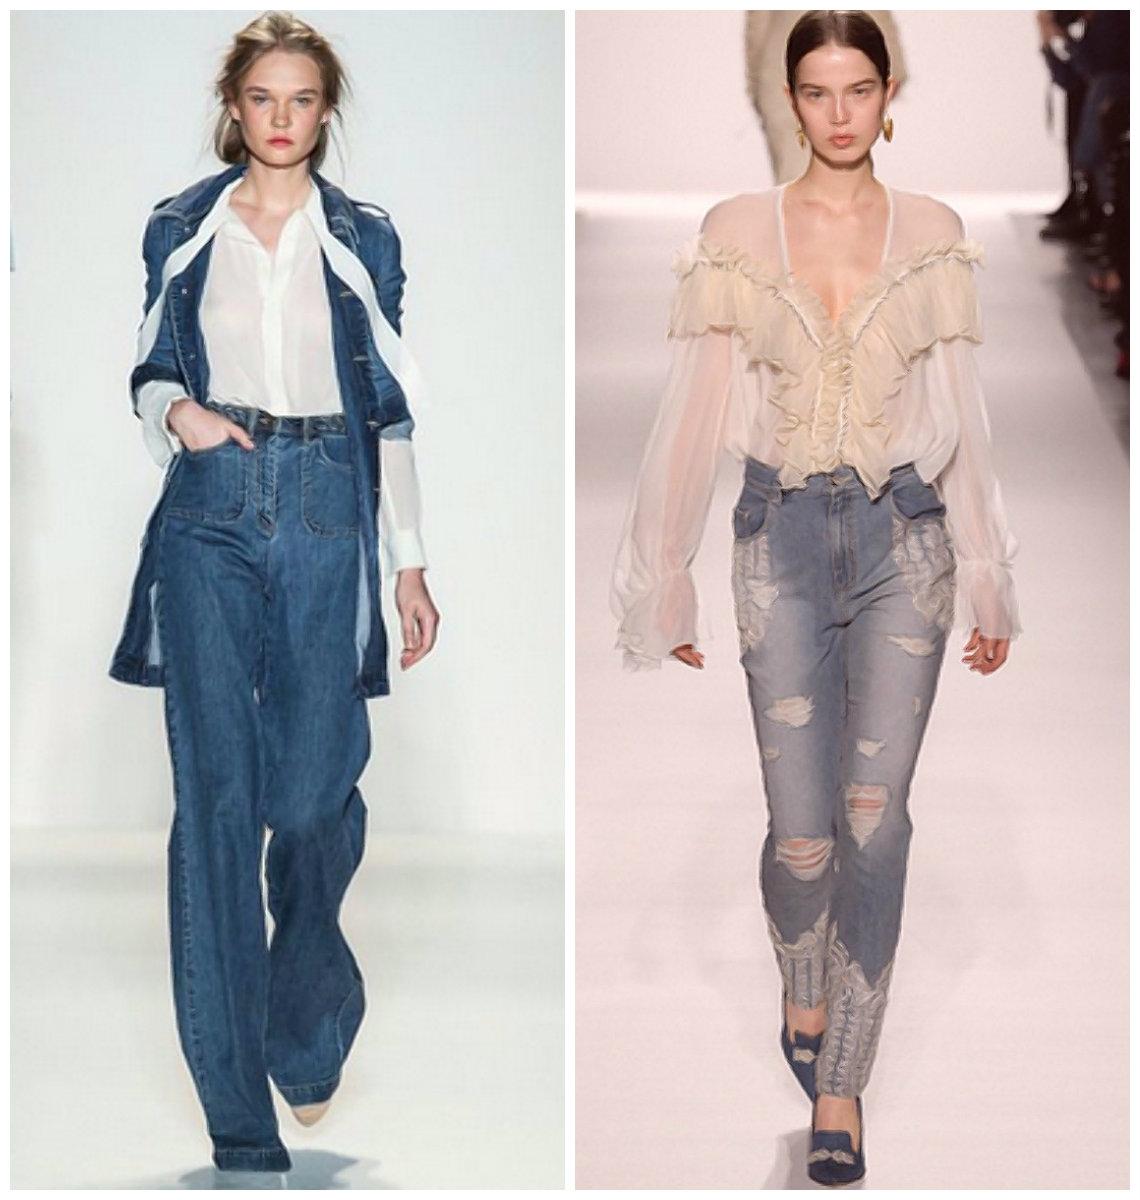 Модные-джинсы-2019-женские-Крой-фото-Длина-Крой-Декор-Цвет-джинсы 2019 женские- джинсы 2019